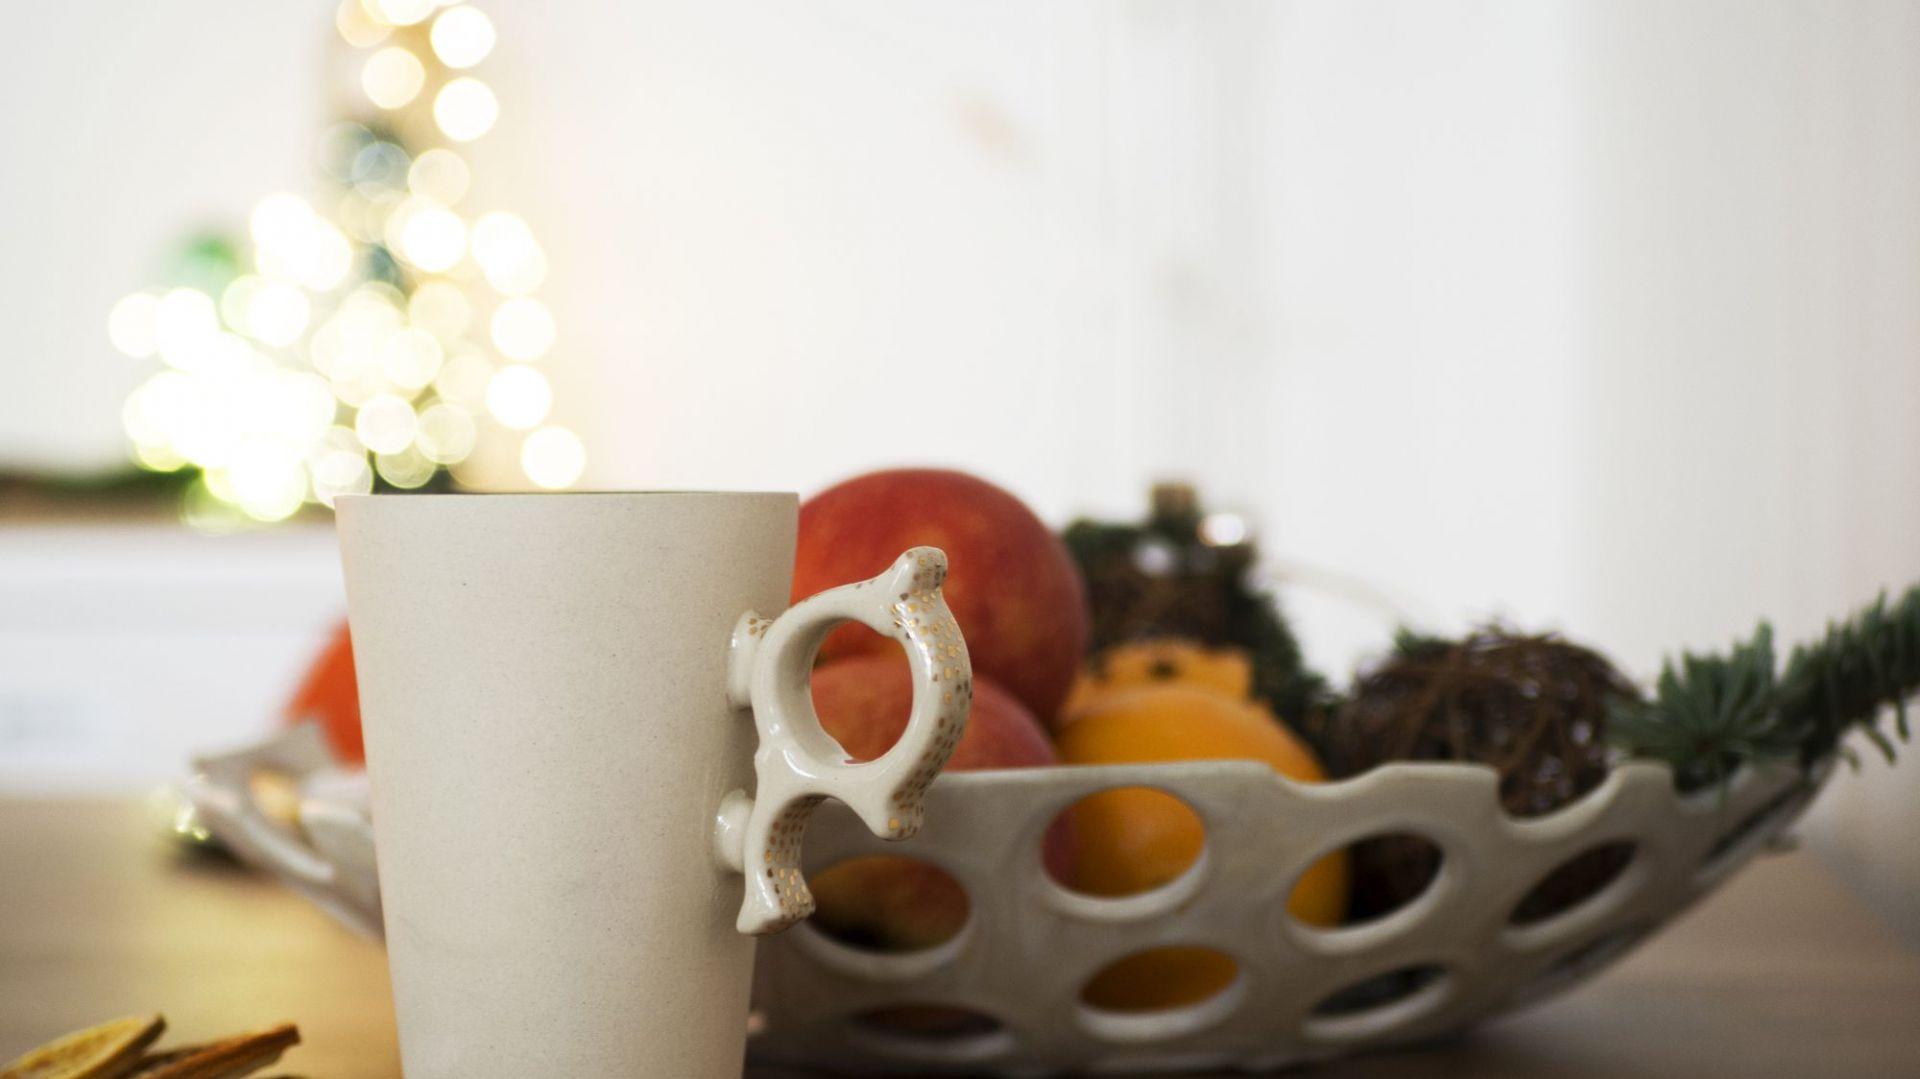 Świąteczny salon i jadalnia w ciepłych barwach. Fot. Make Home